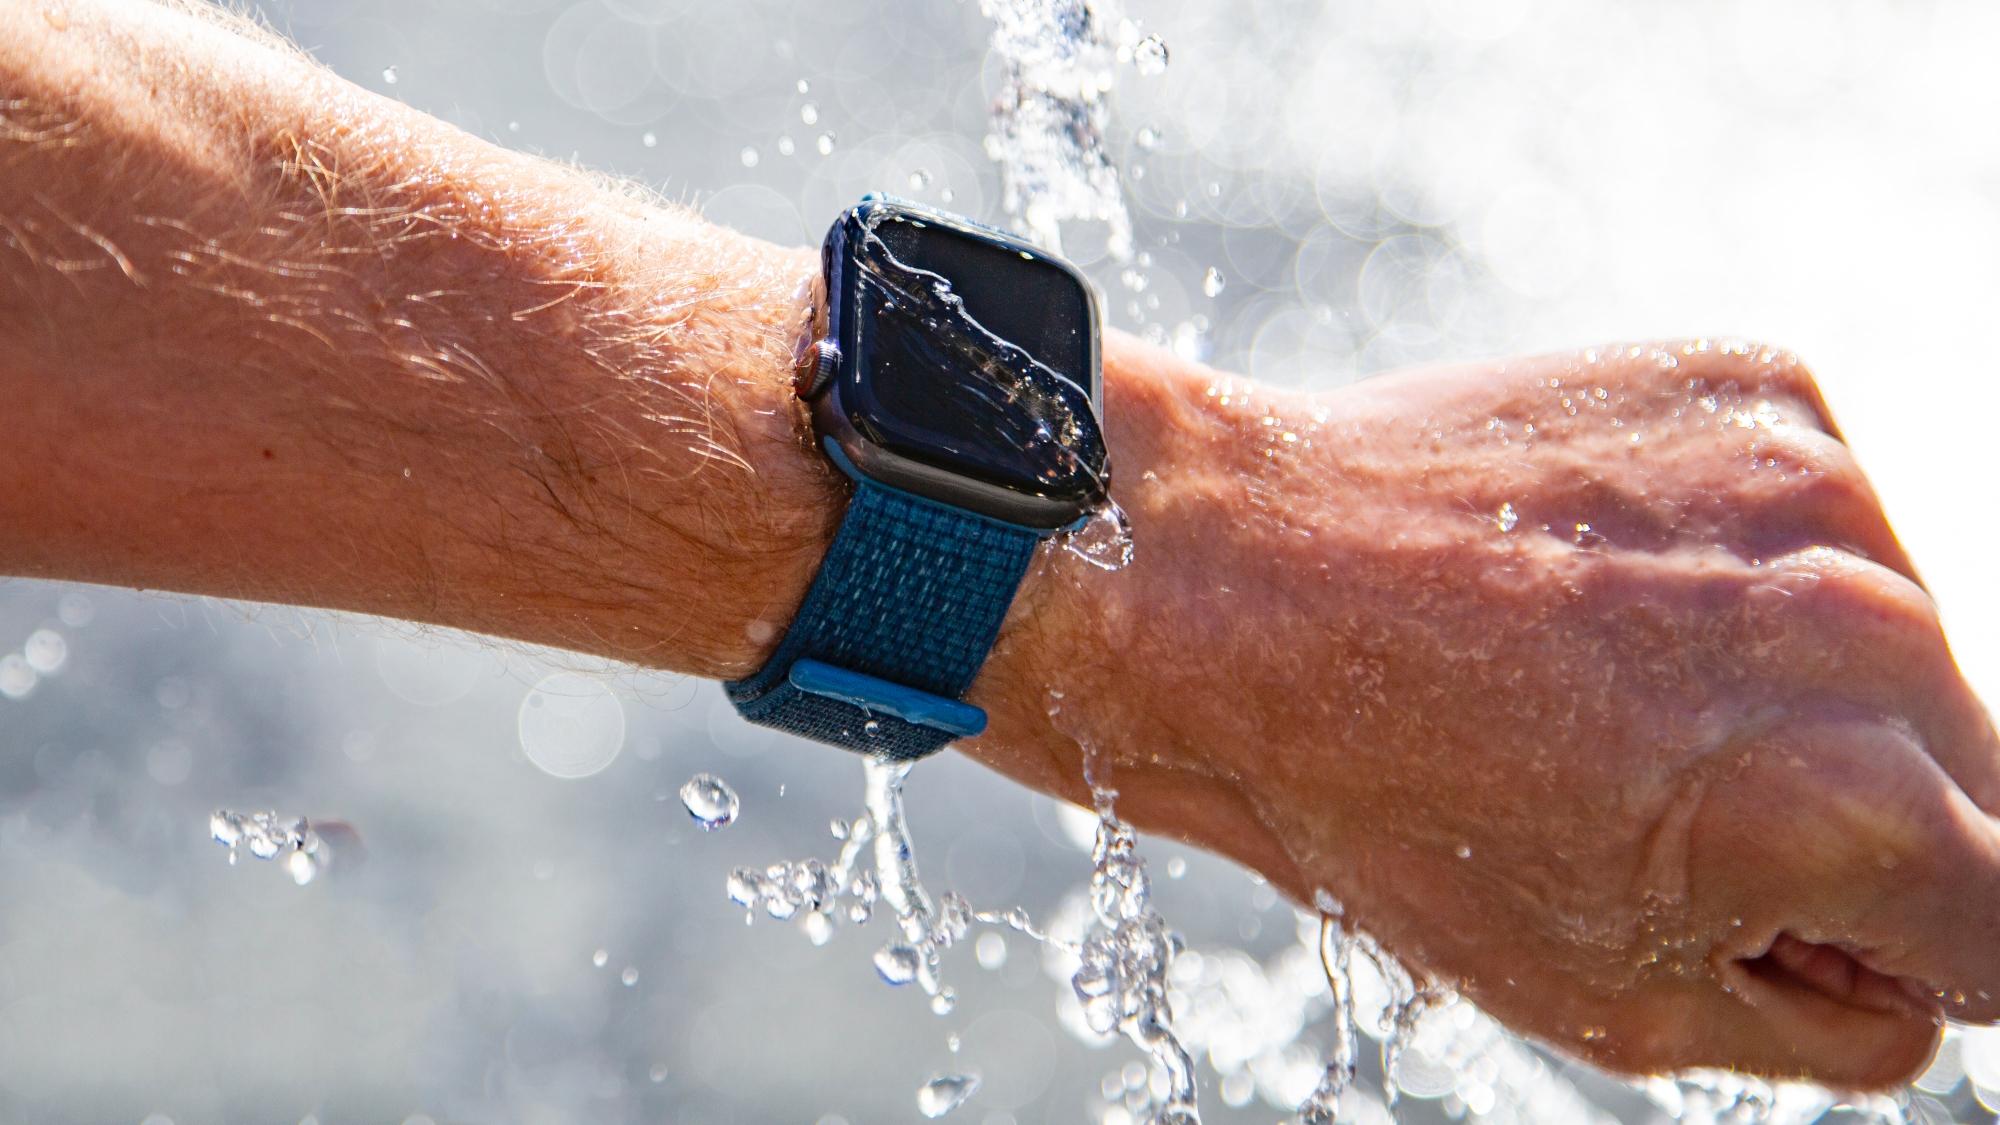 Apple Watch снова спасли жизнь человеку: на этот раз учителю из США, который провалился под лёд